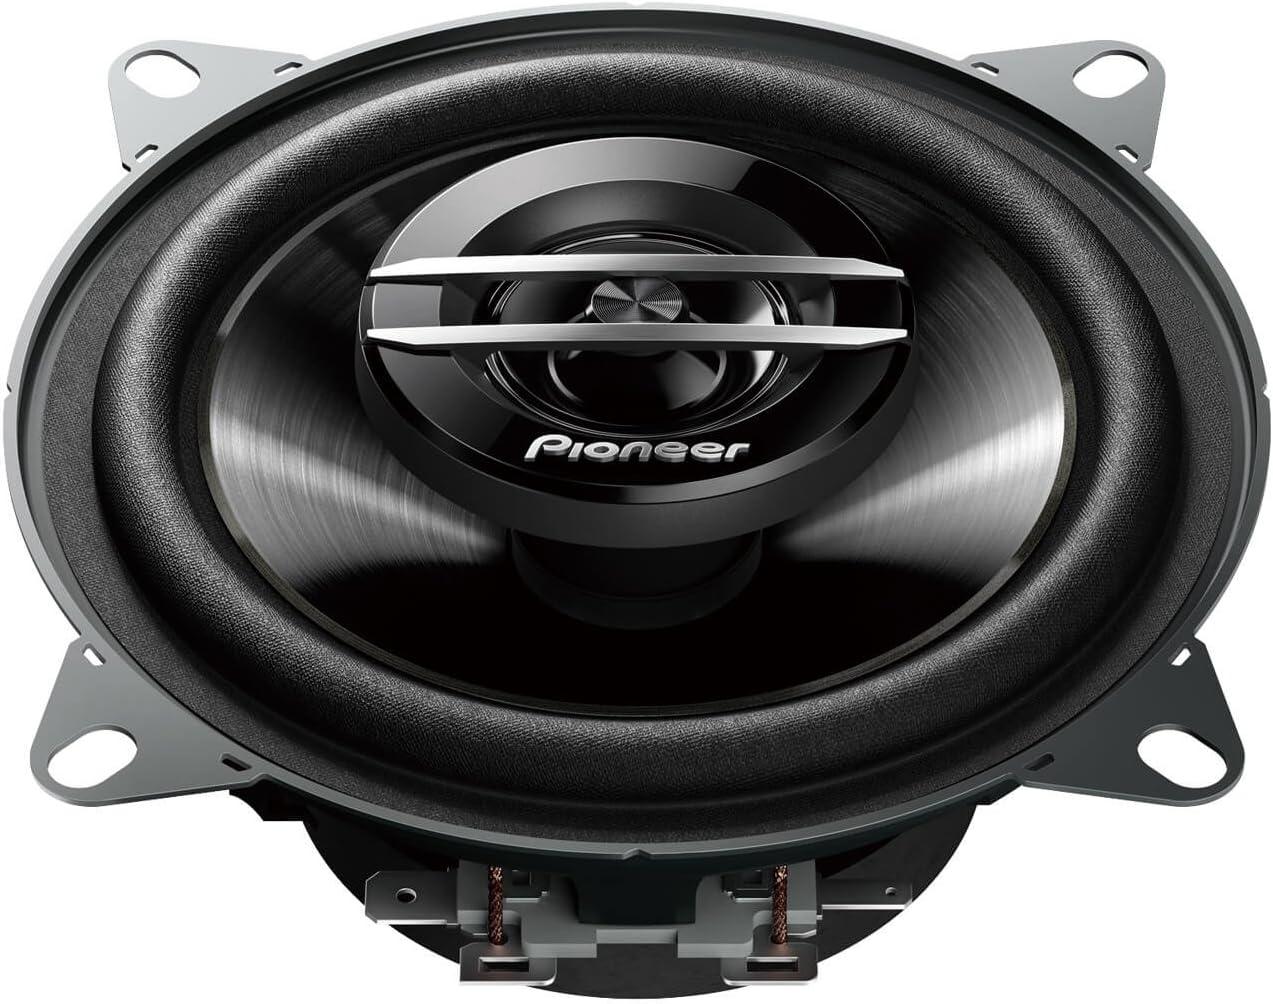 Pioneer Ts G1020f 2 Weg Koaxiallautsprecher Für Autos 210 W 10 Cm Kraftvoller Klang Impp Membran Für Optimalen Bass 30 W Eingangsnennleistung 43 Mm Einbautiefe Schwarz 2 Lautsprecher Auto